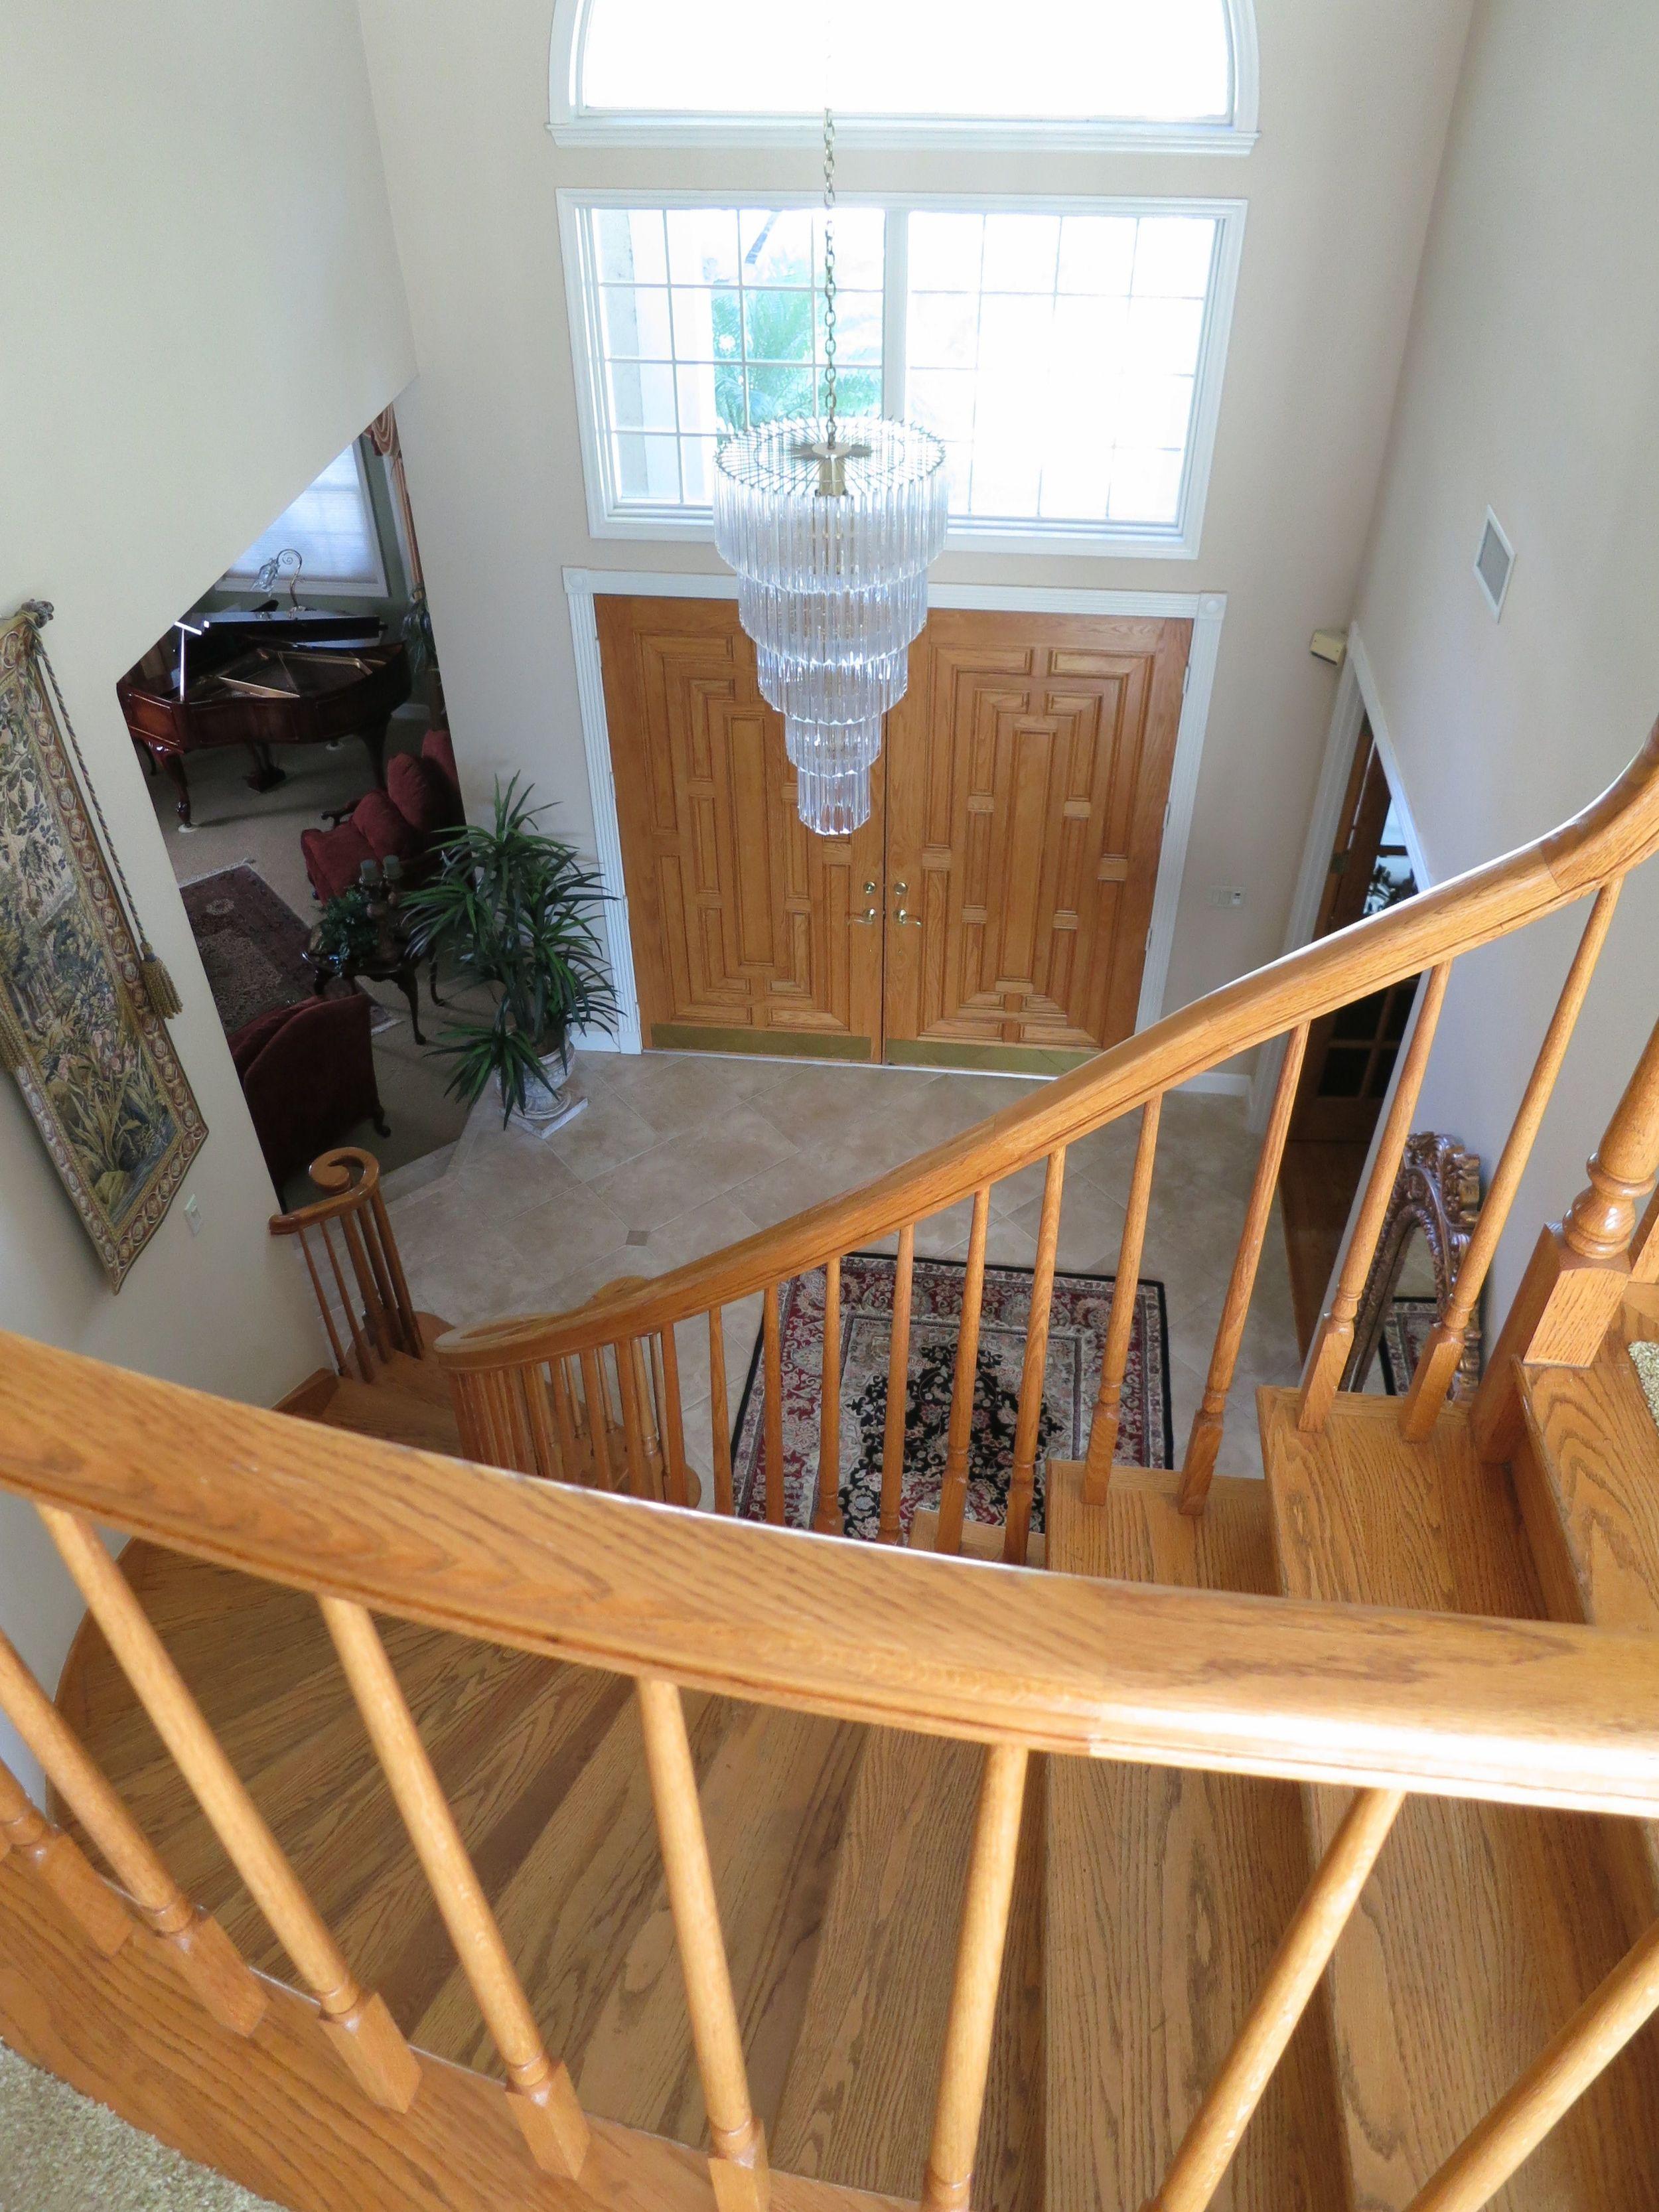 saxon stairwell 1.jpg